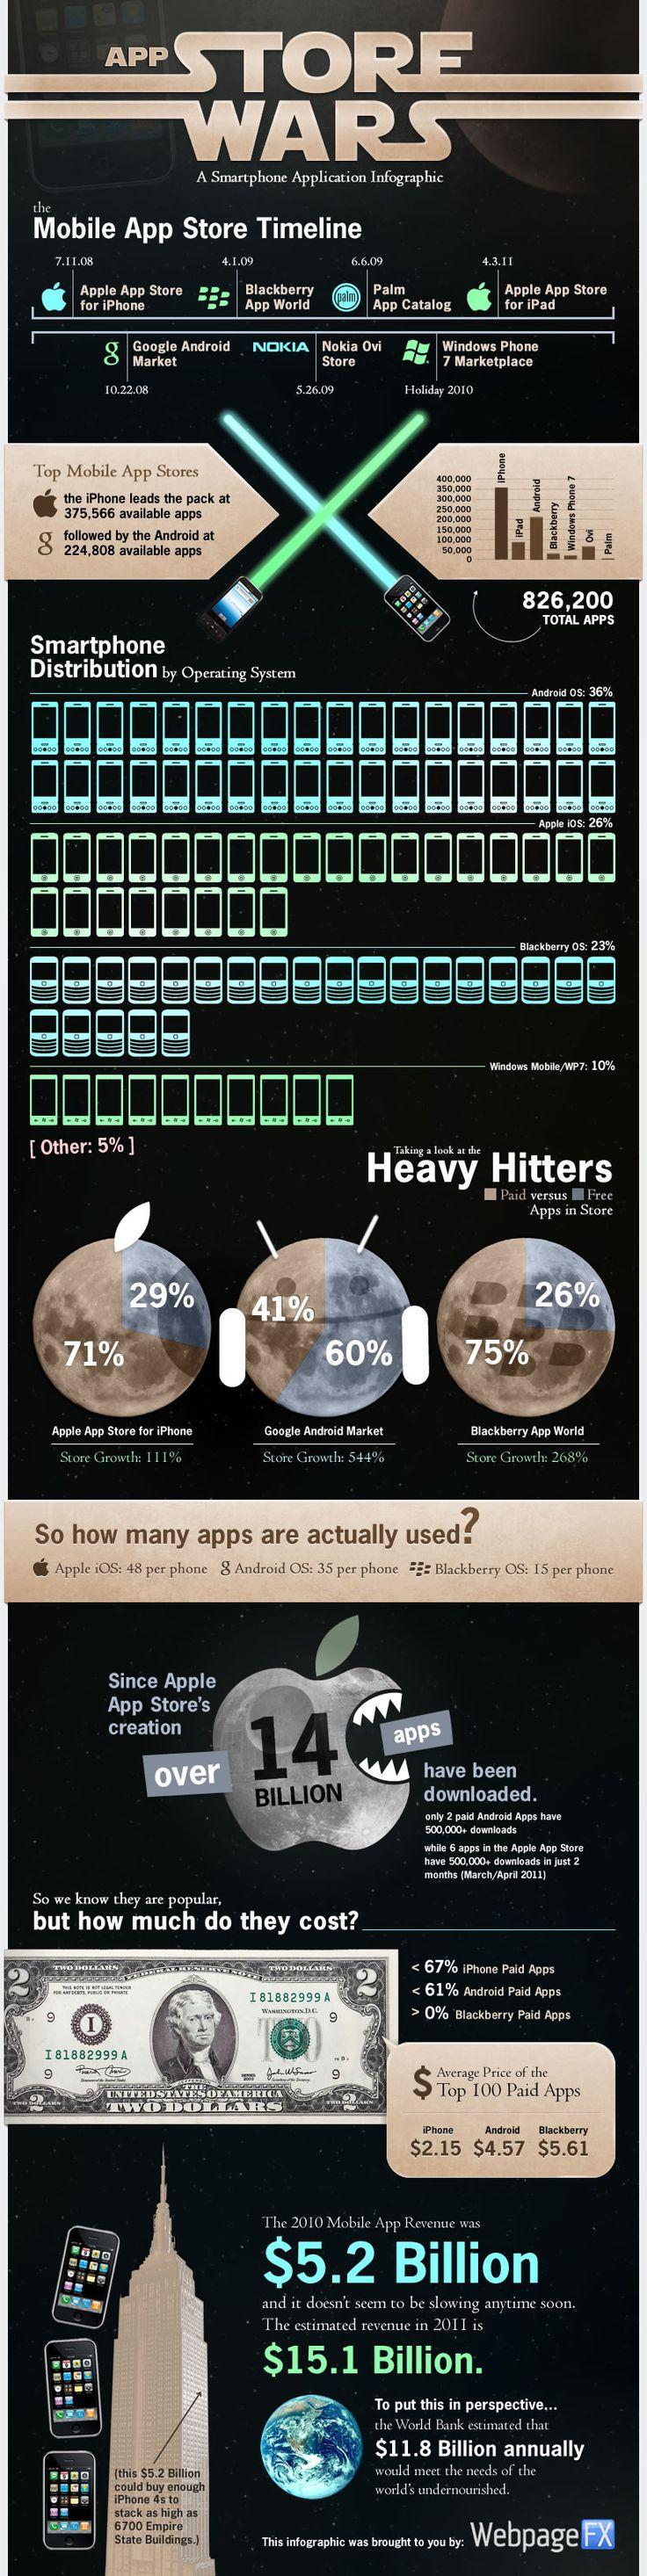 La guerra de app stores #infografia #tecnologia